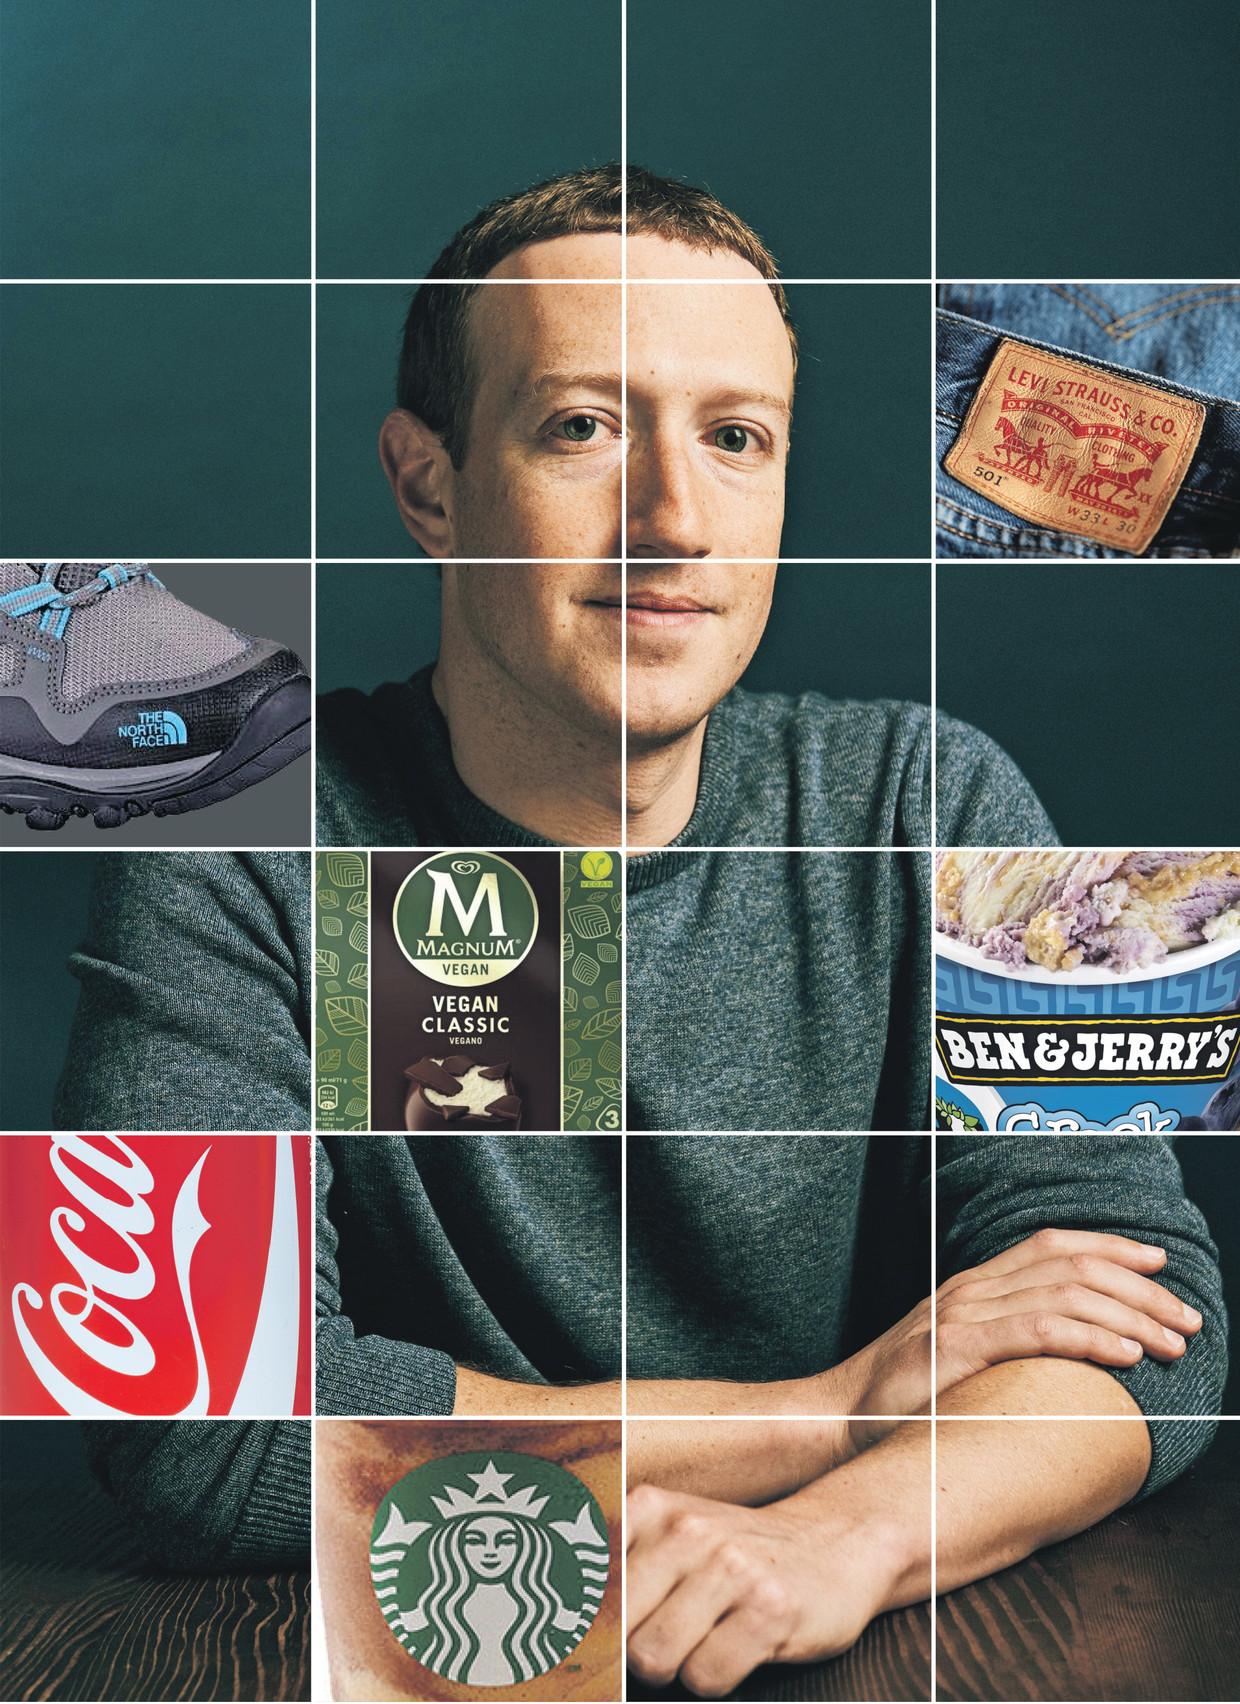 Facebook-oprichter Mark Zuckerberg. Beeld ANP, bewerking de Volkskrant